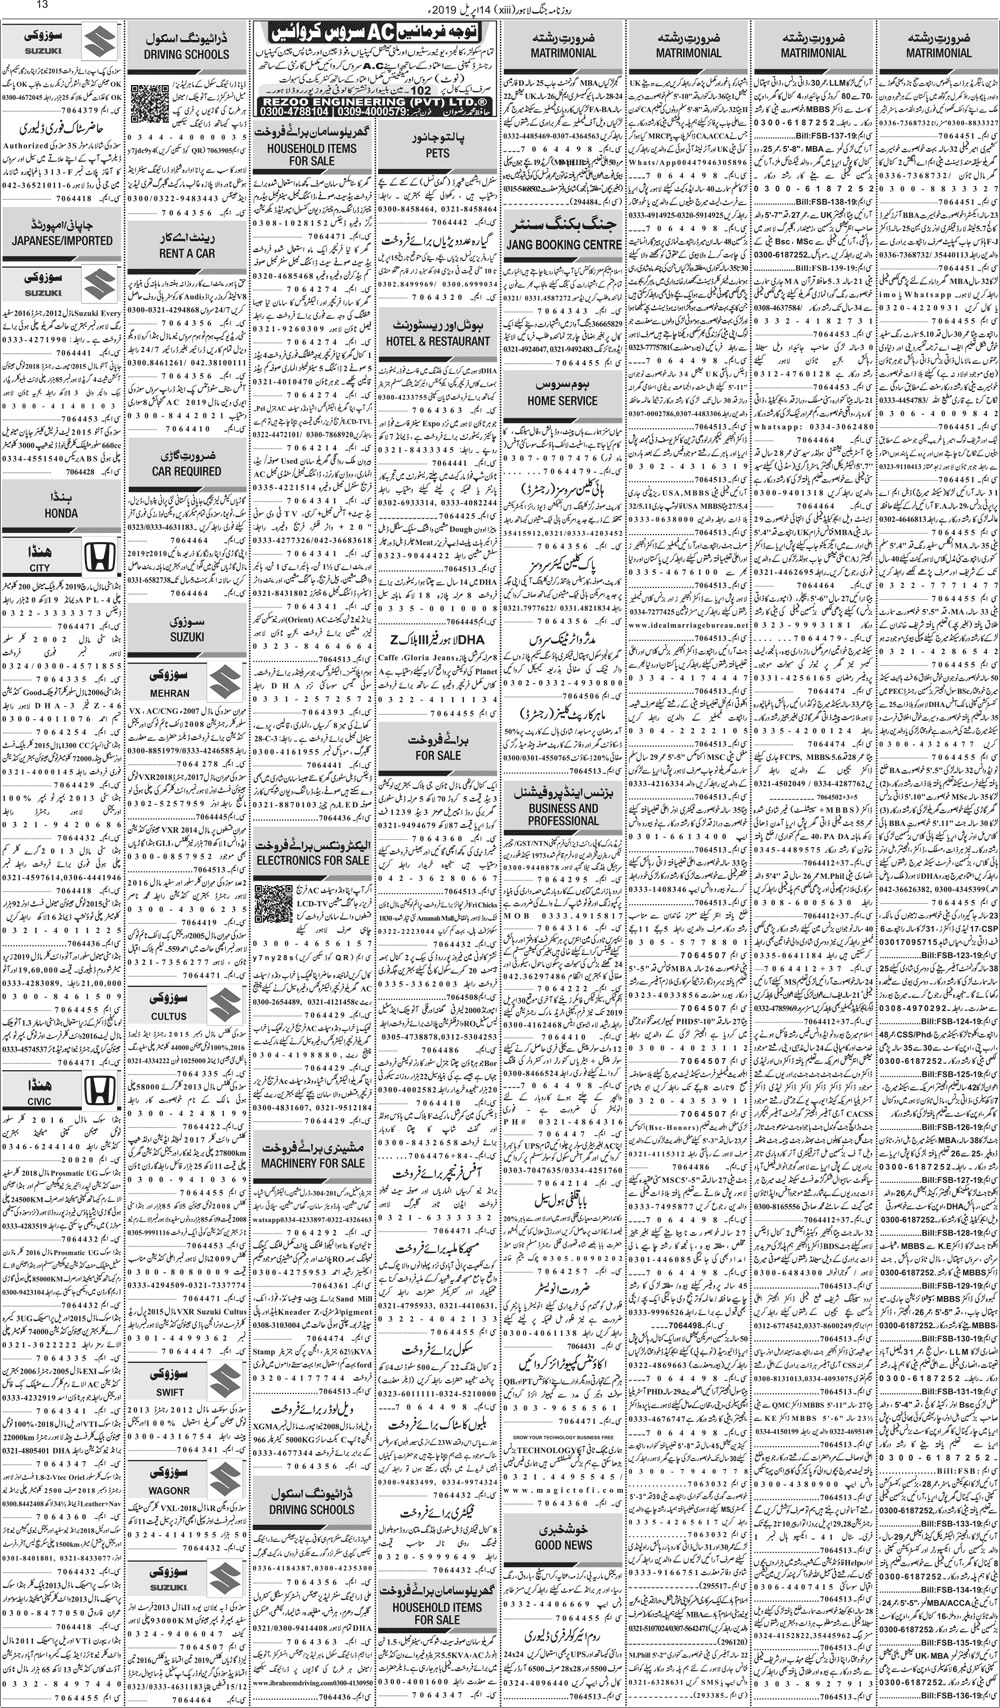 Daily Jang Newspaper 14 April 2019, Jang Epaper Lahore, Urdu